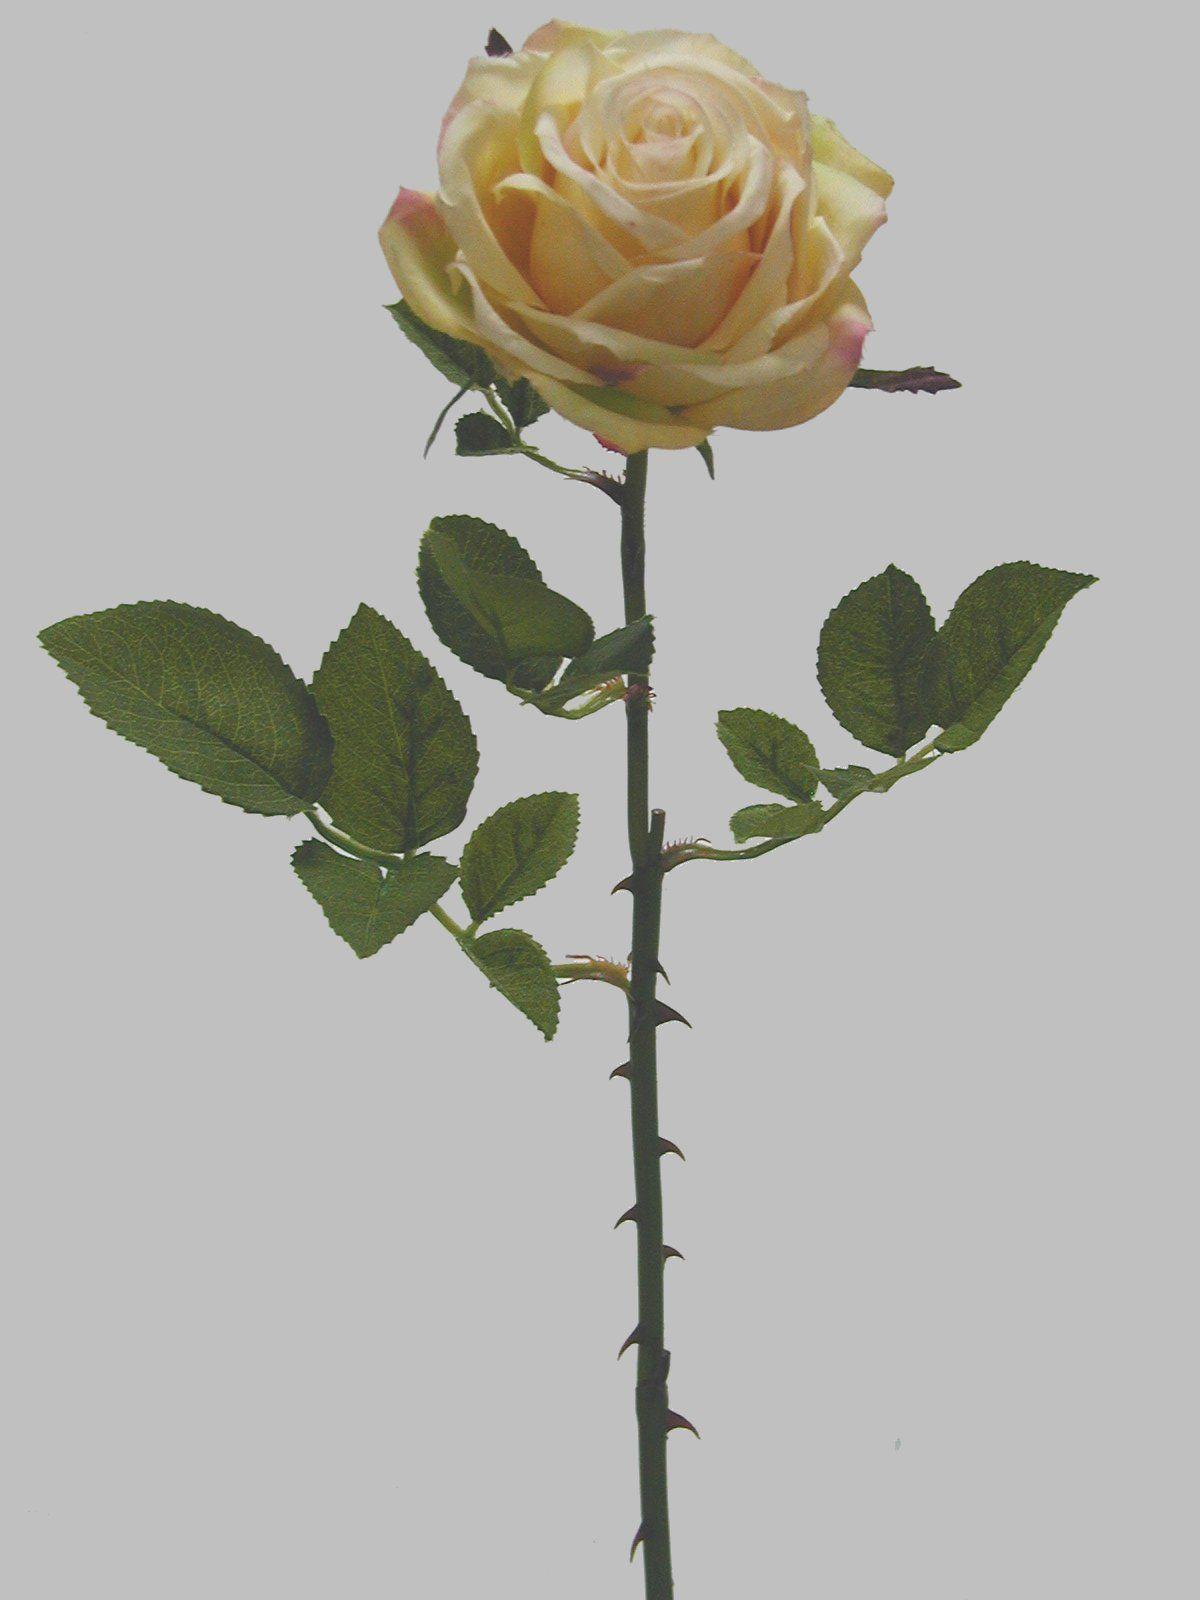 Linda rosa amarela, com 1 botão aberto médio, qualidade extra | Referência: 1356500000354 | Altura: 60 cm | Composição: Tecido, Plástico e Arame